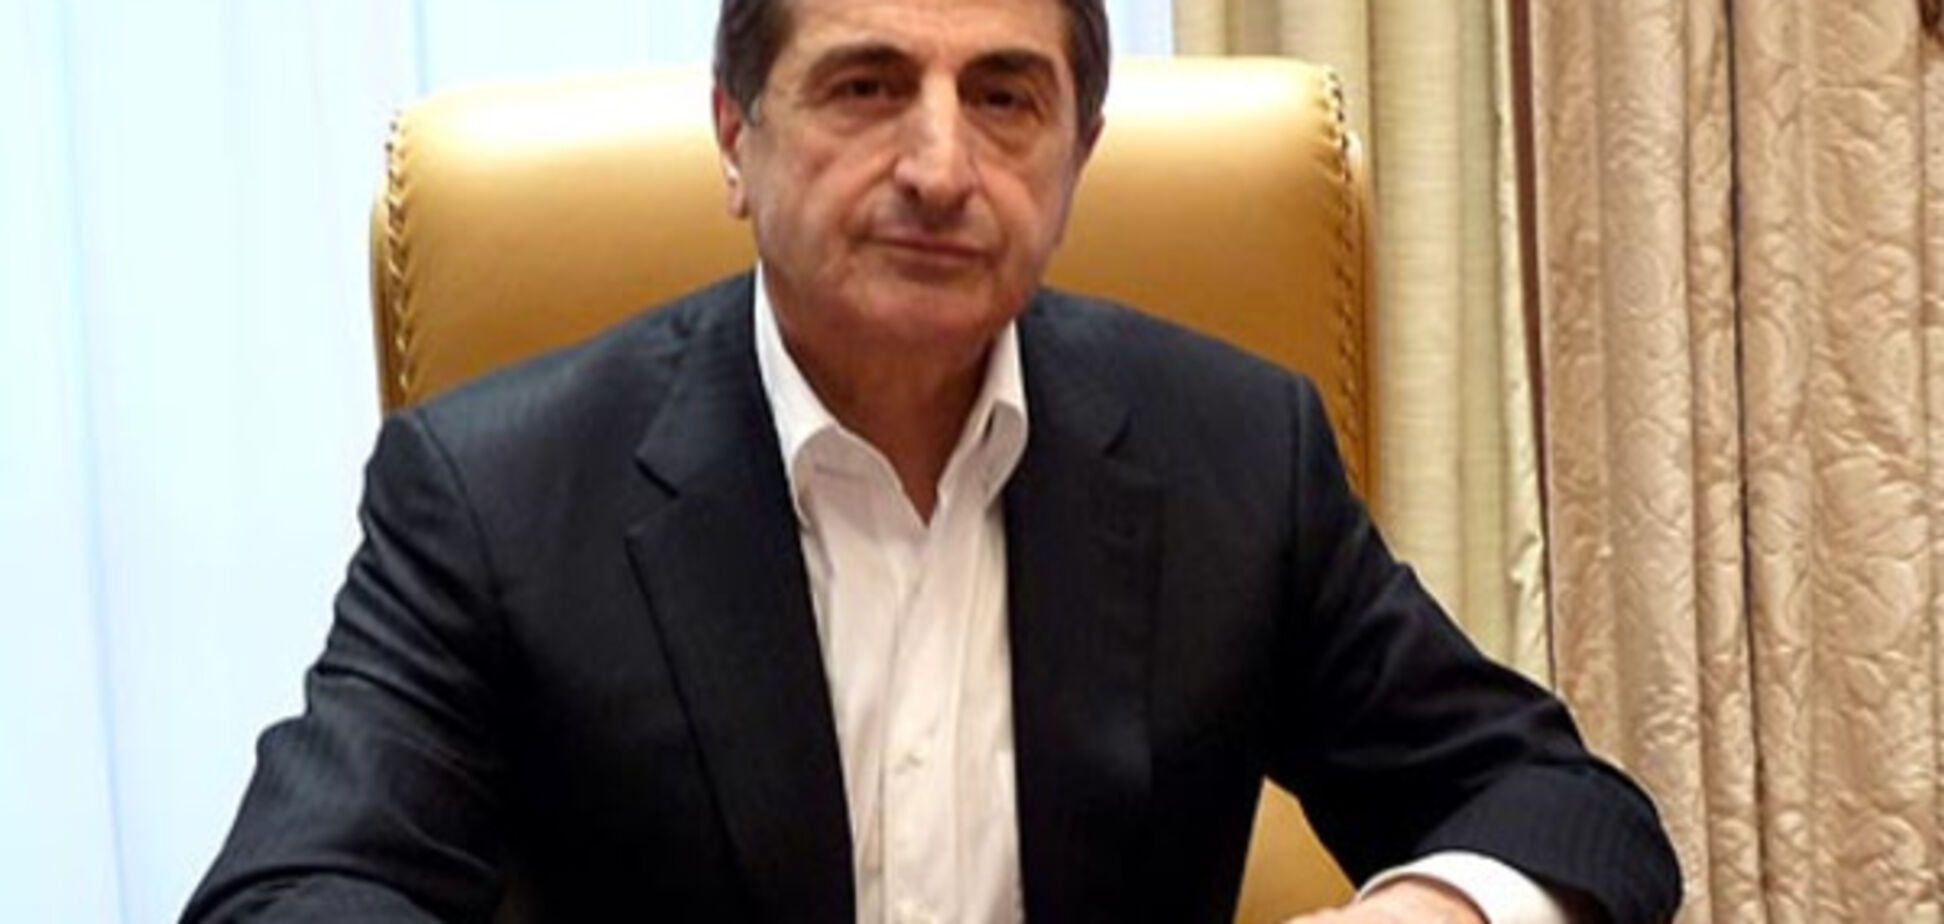 Васадзе викупив свій мільярдний борг перед Дельта банком за чверть його вартості